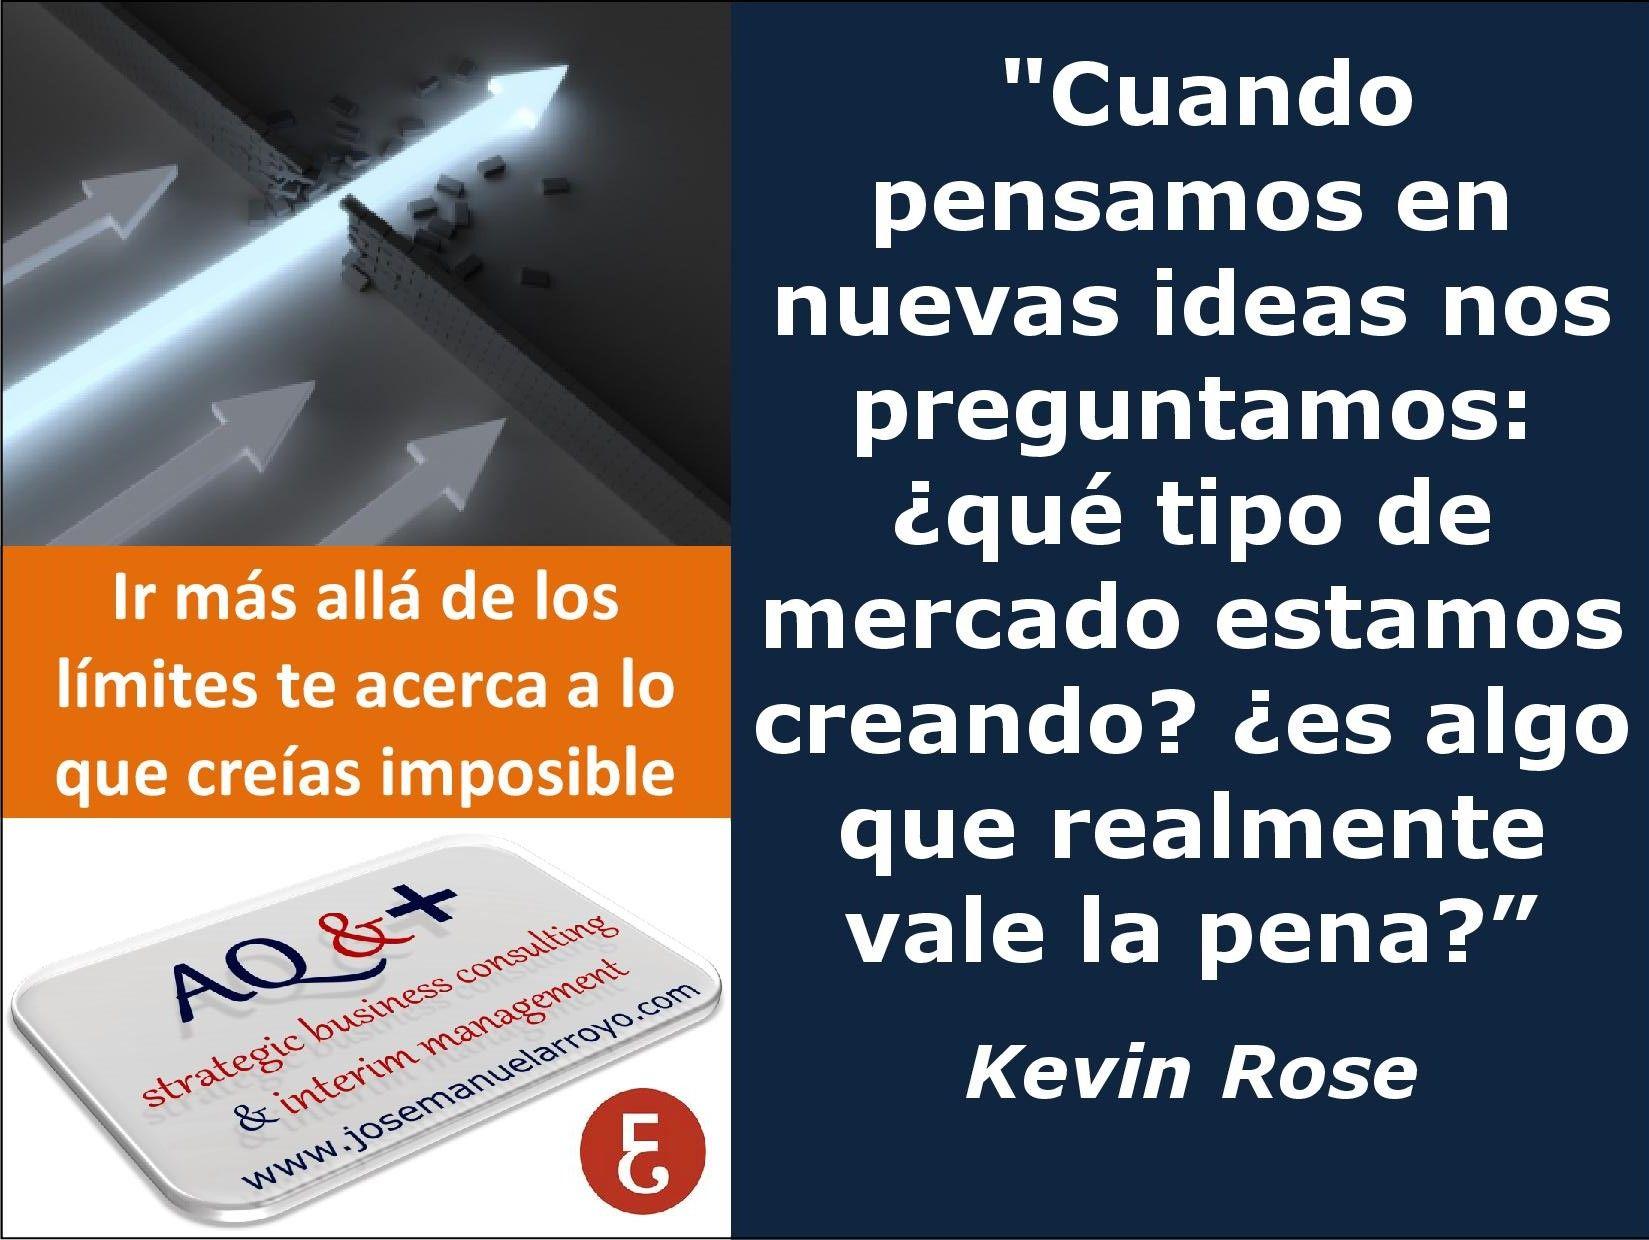 www.josemanuelarroyo.com  Experiencia. Compromiso. Soluciones.